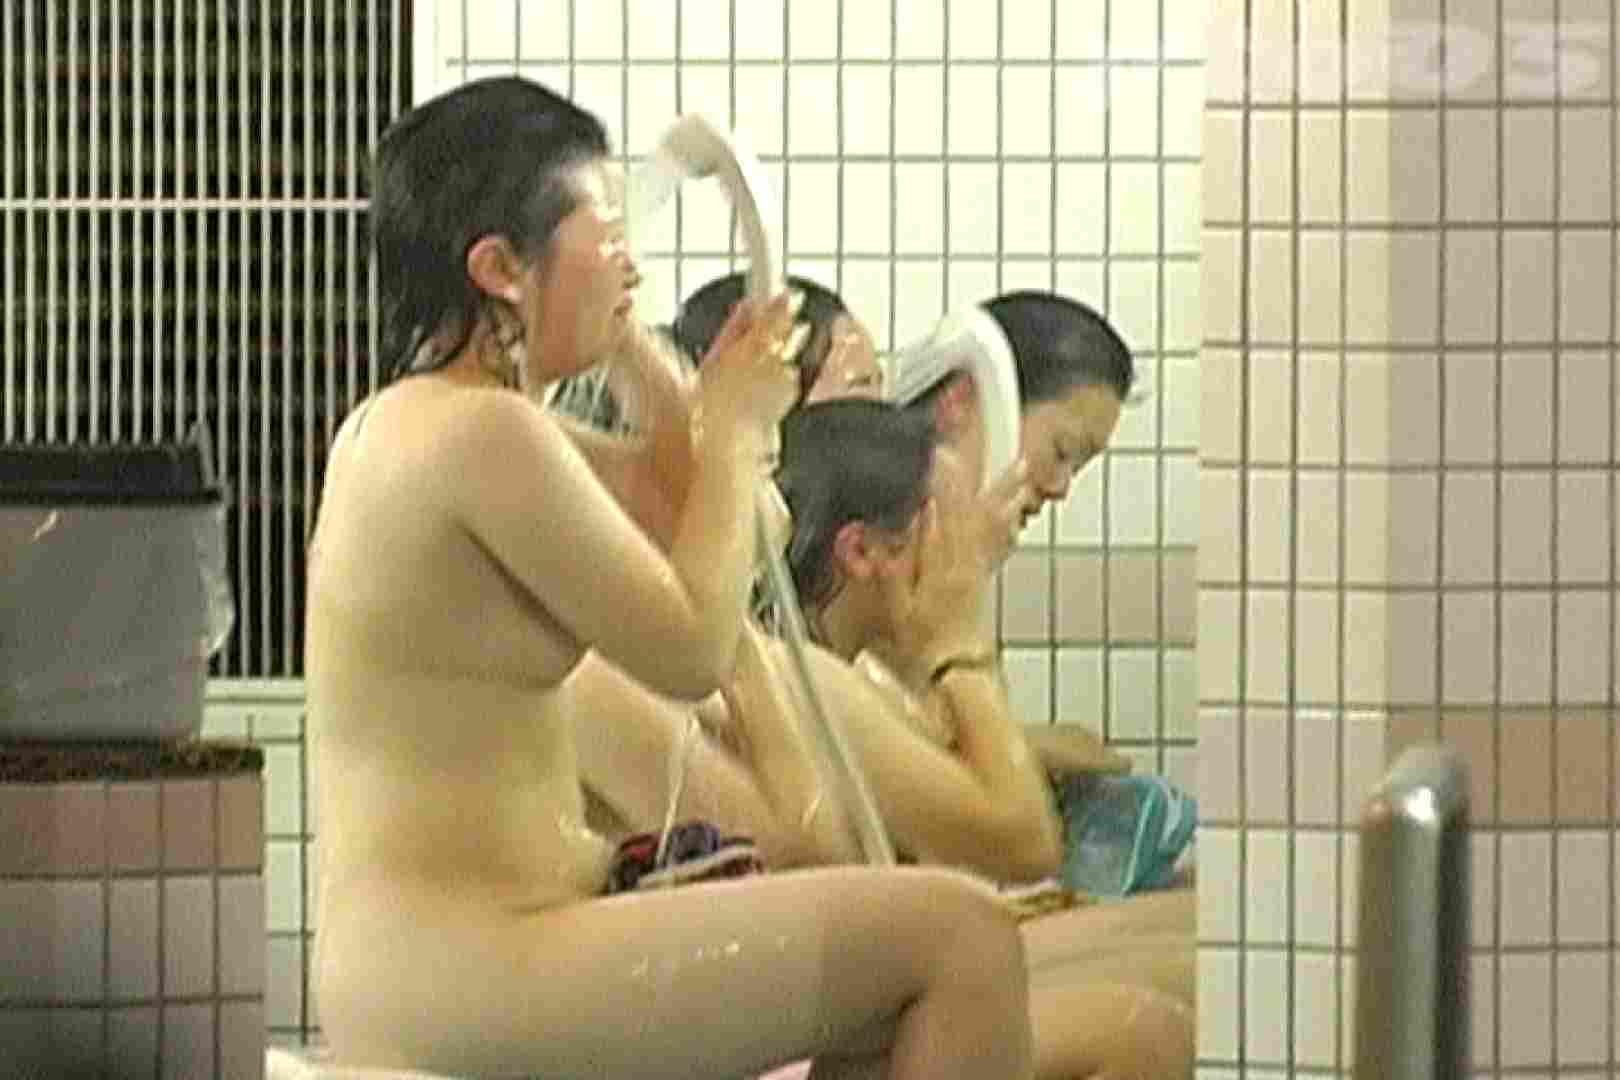 ▲復活限定▲合宿ホテル女風呂盗撮 Vol.27 合宿 盗撮えろ無修正画像 99pic 82